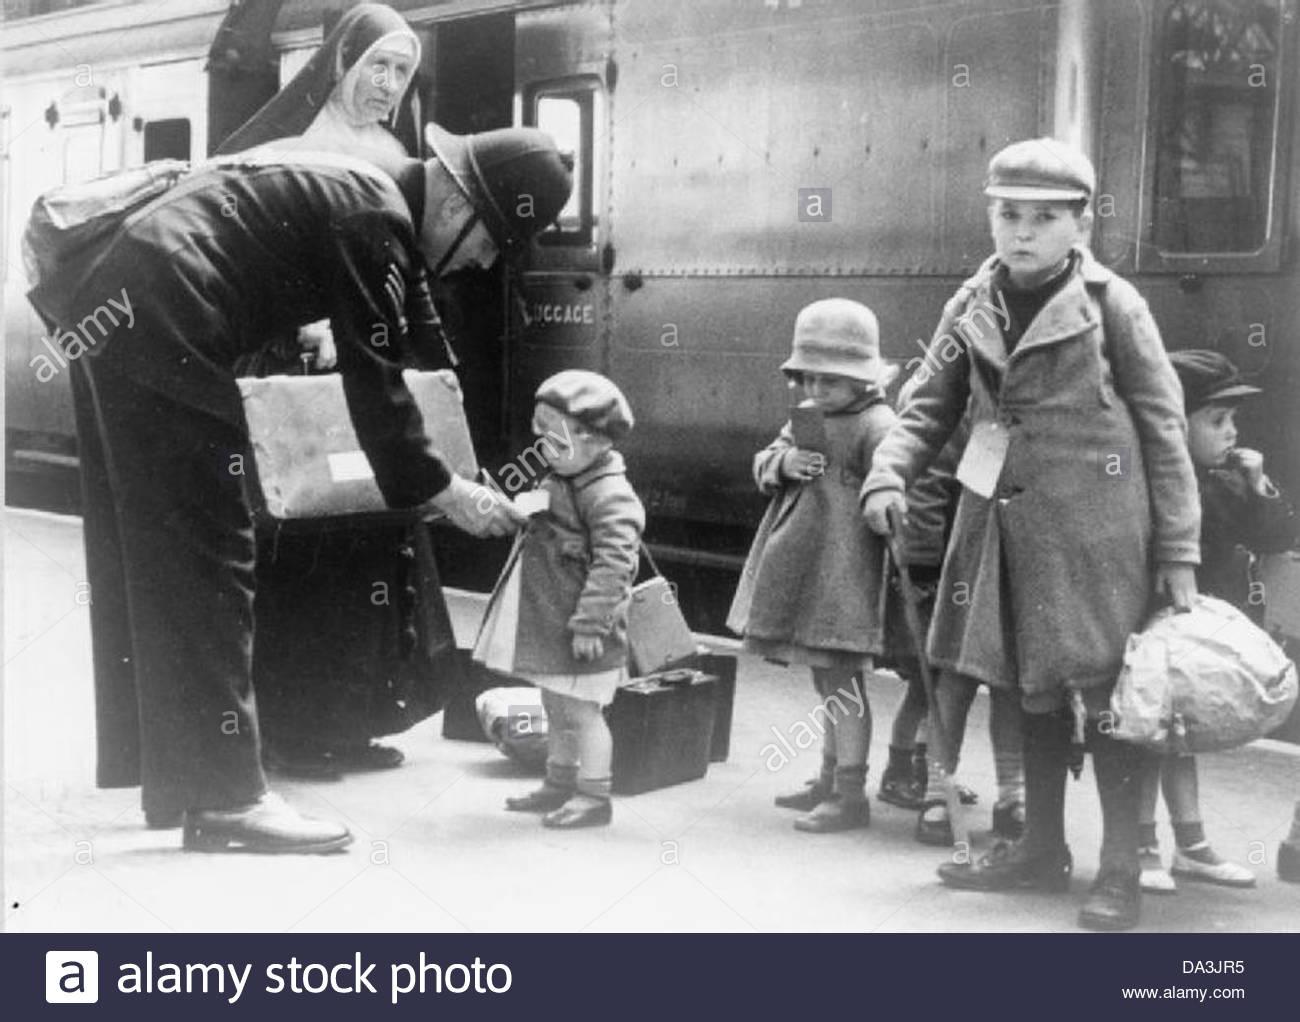 Le système d'évacuation des civils en Grande-Bretagne durant la Seconde Guerre mondiale LN6194 Photo Stock